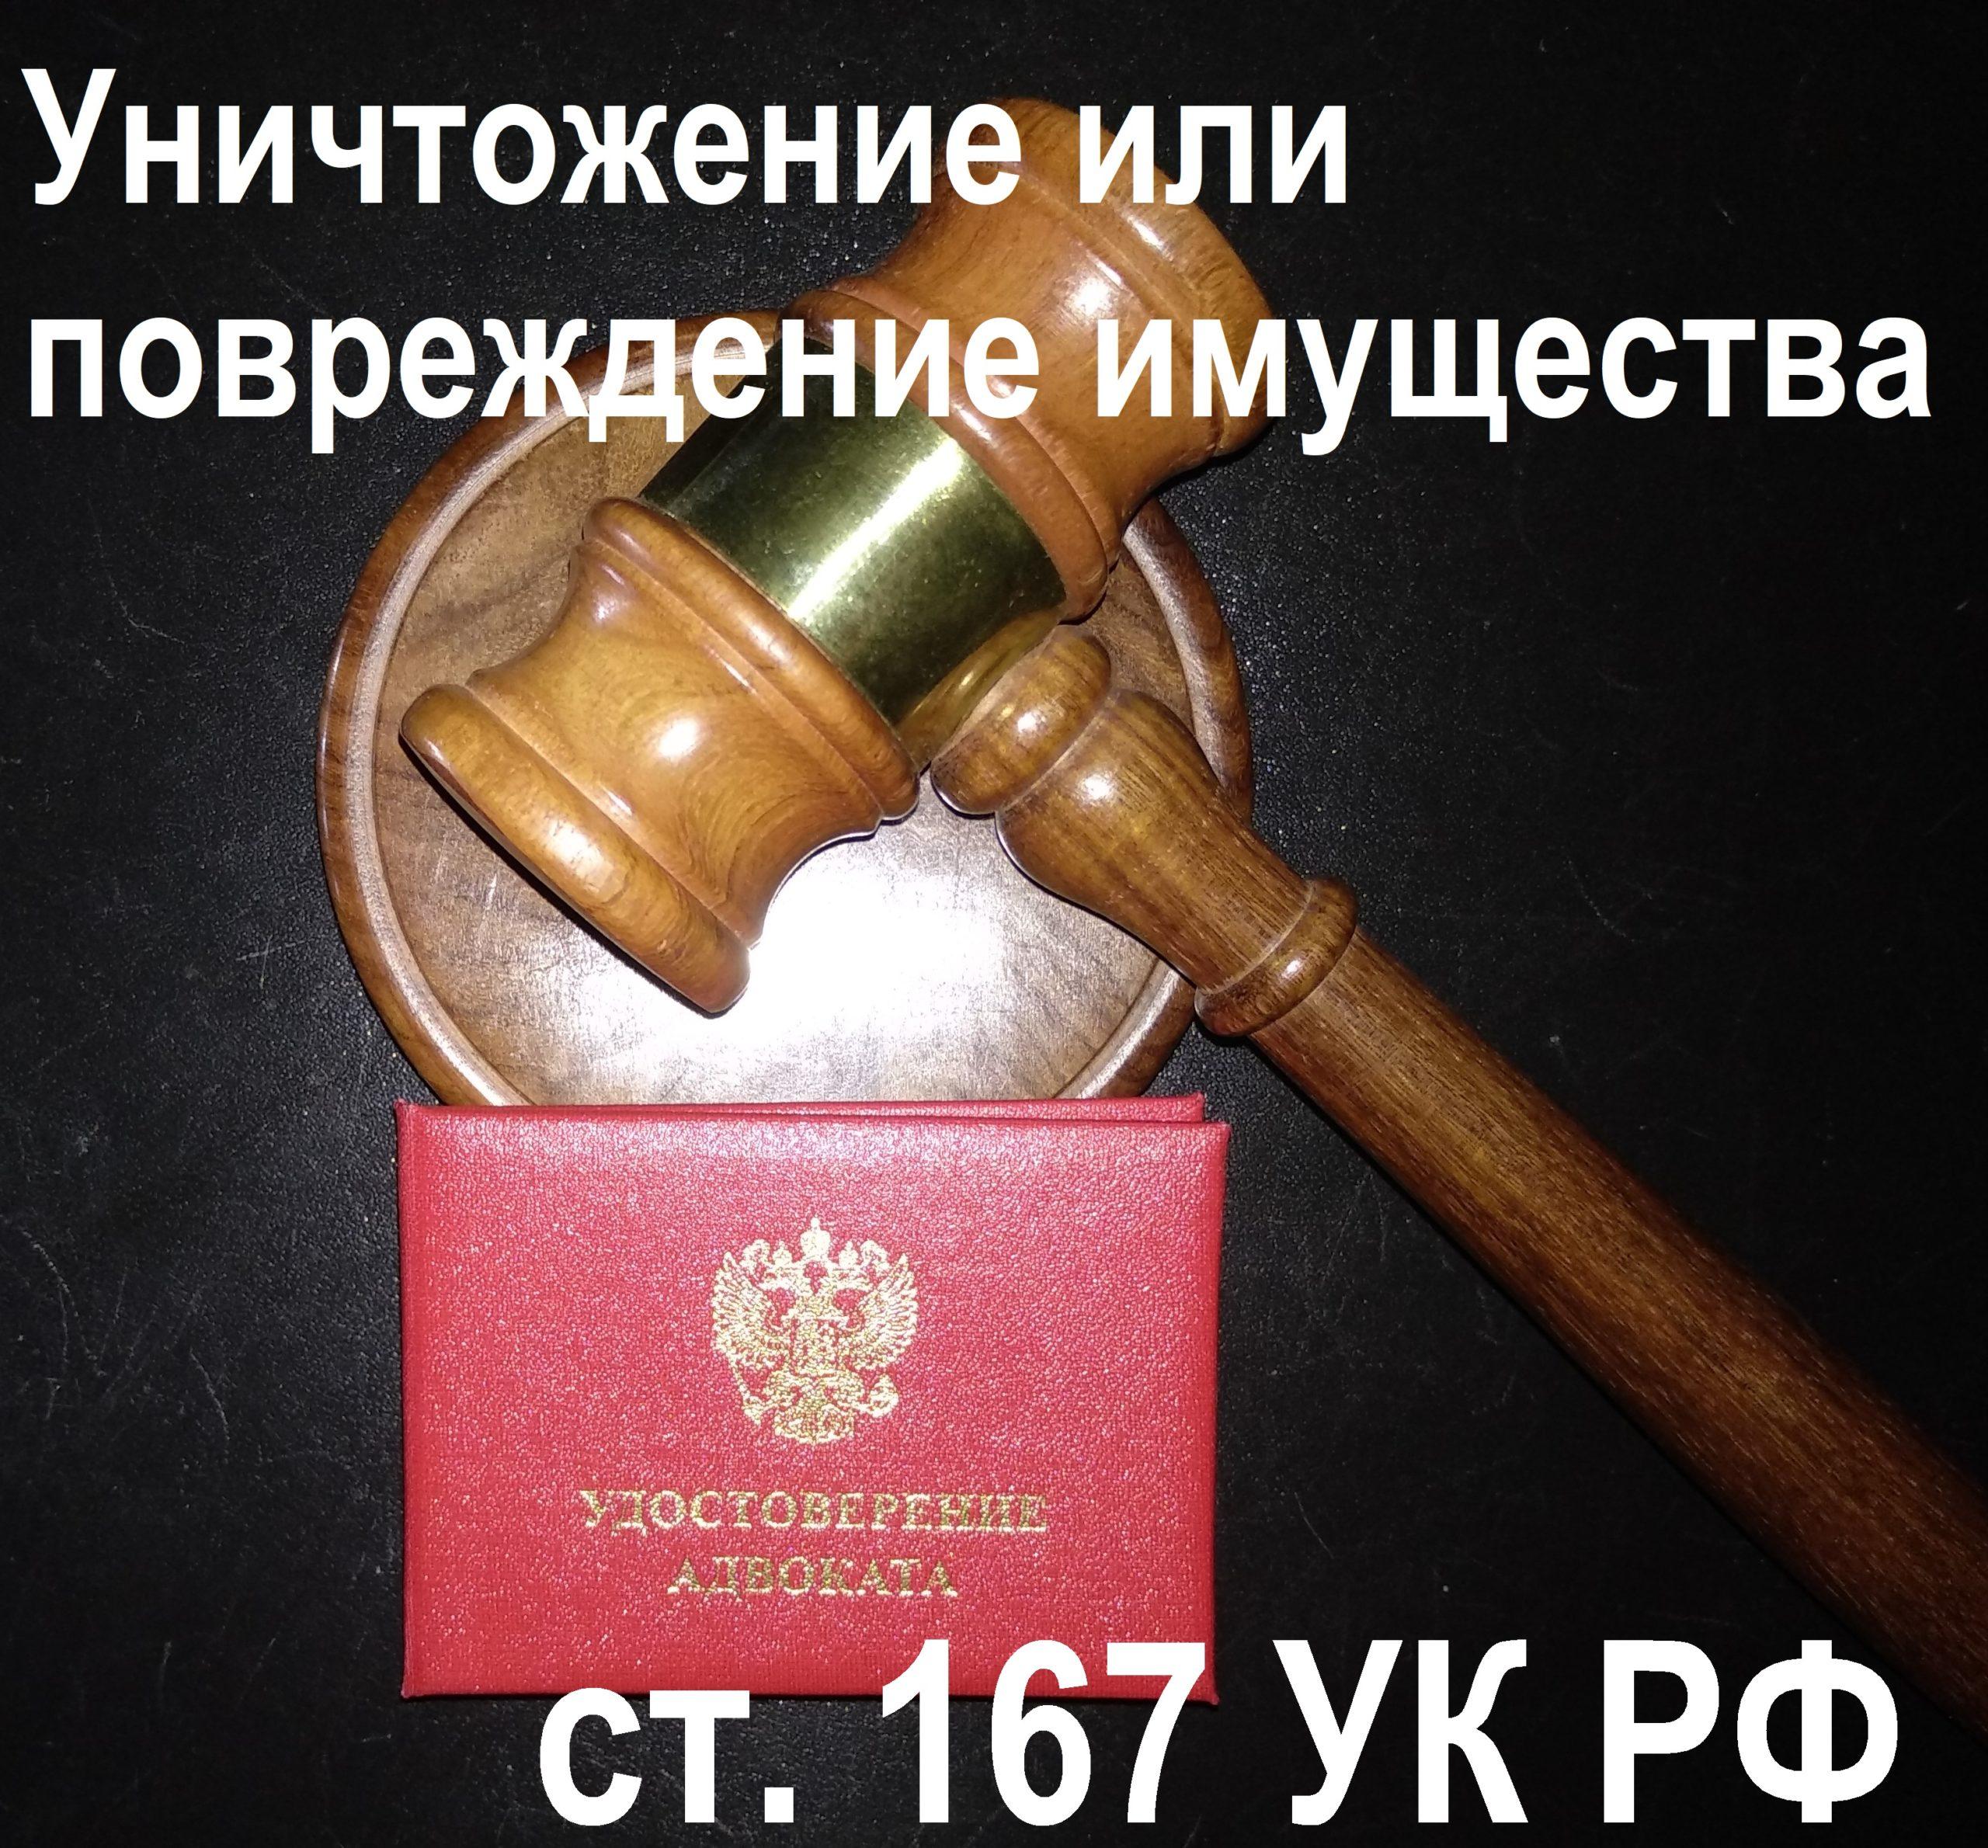 Адвокат по ст. 167 УК РФ Уничтожение или повреждение имущества